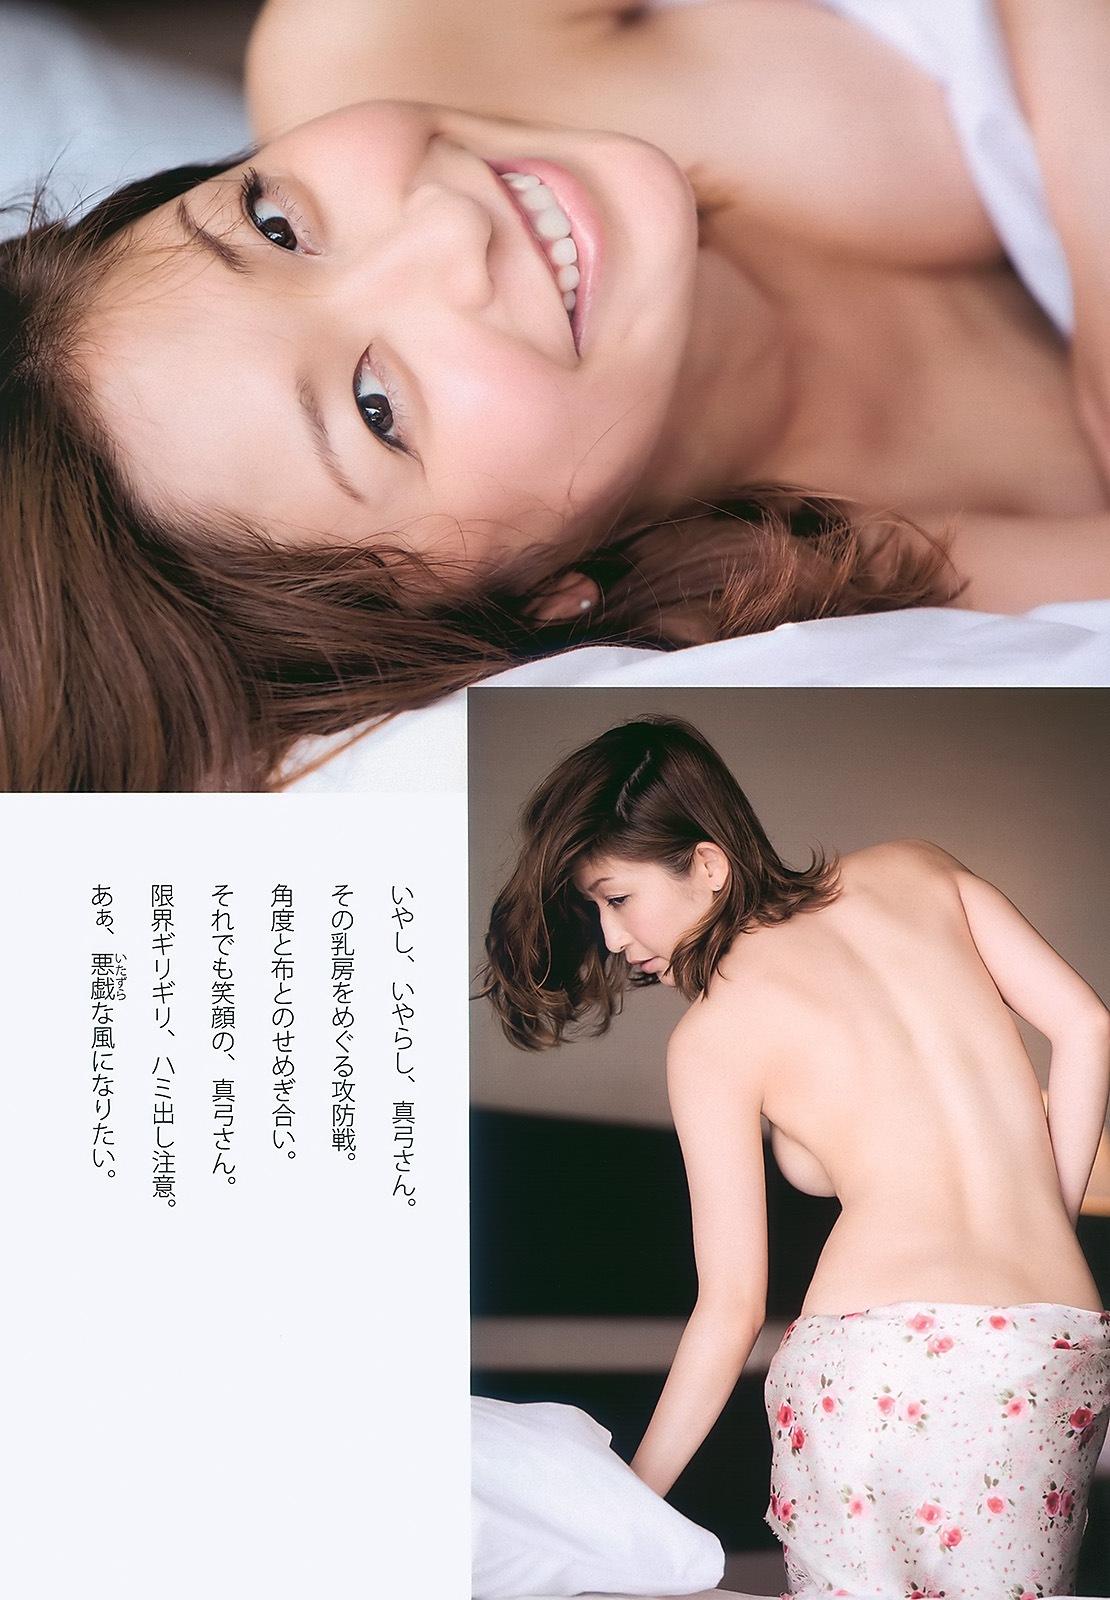 小野真弓30